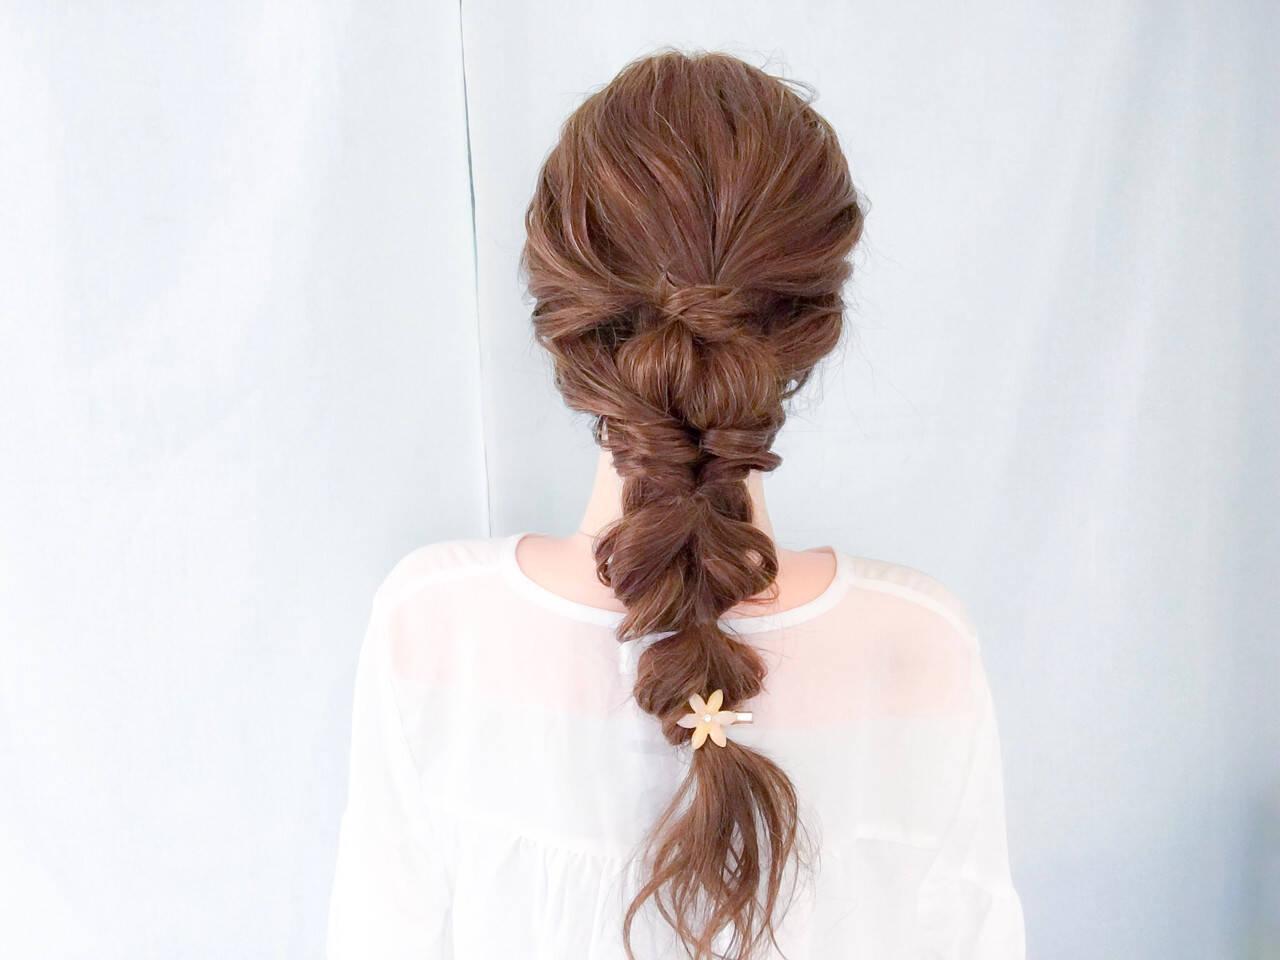 大人女子 フェミニン ショート 簡単ヘアアレンジヘアスタイルや髪型の写真・画像